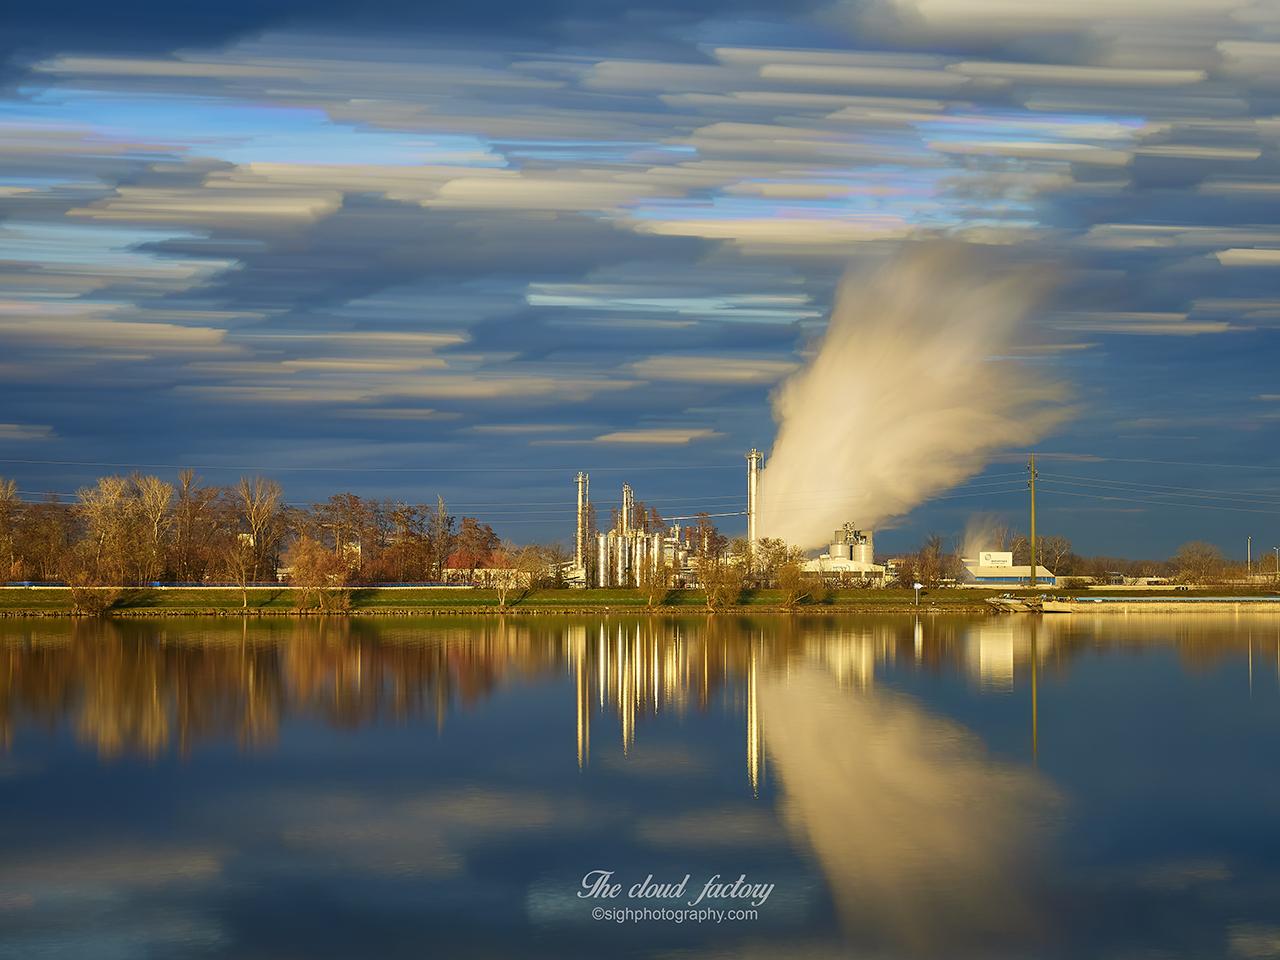 Cloud Factory, Austria